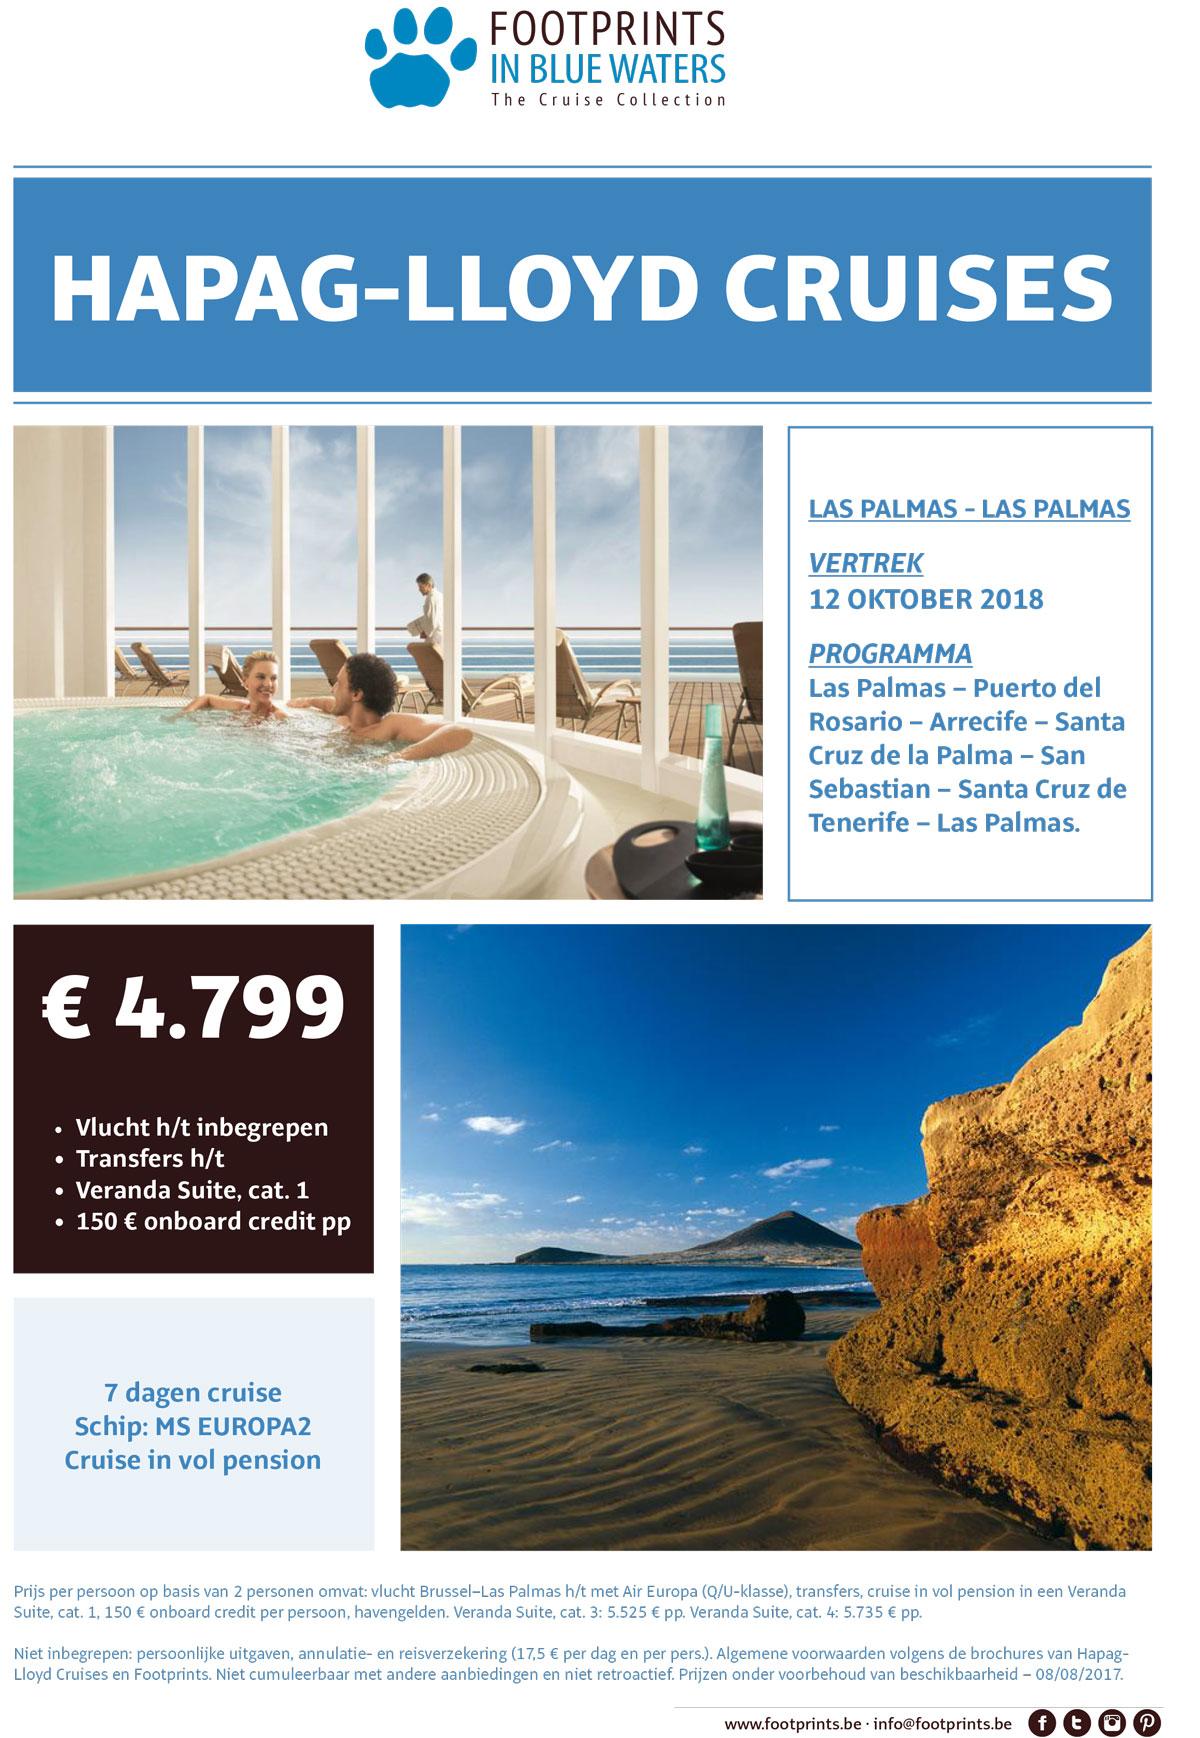 Cruise: Las Plamas - Las Palmas